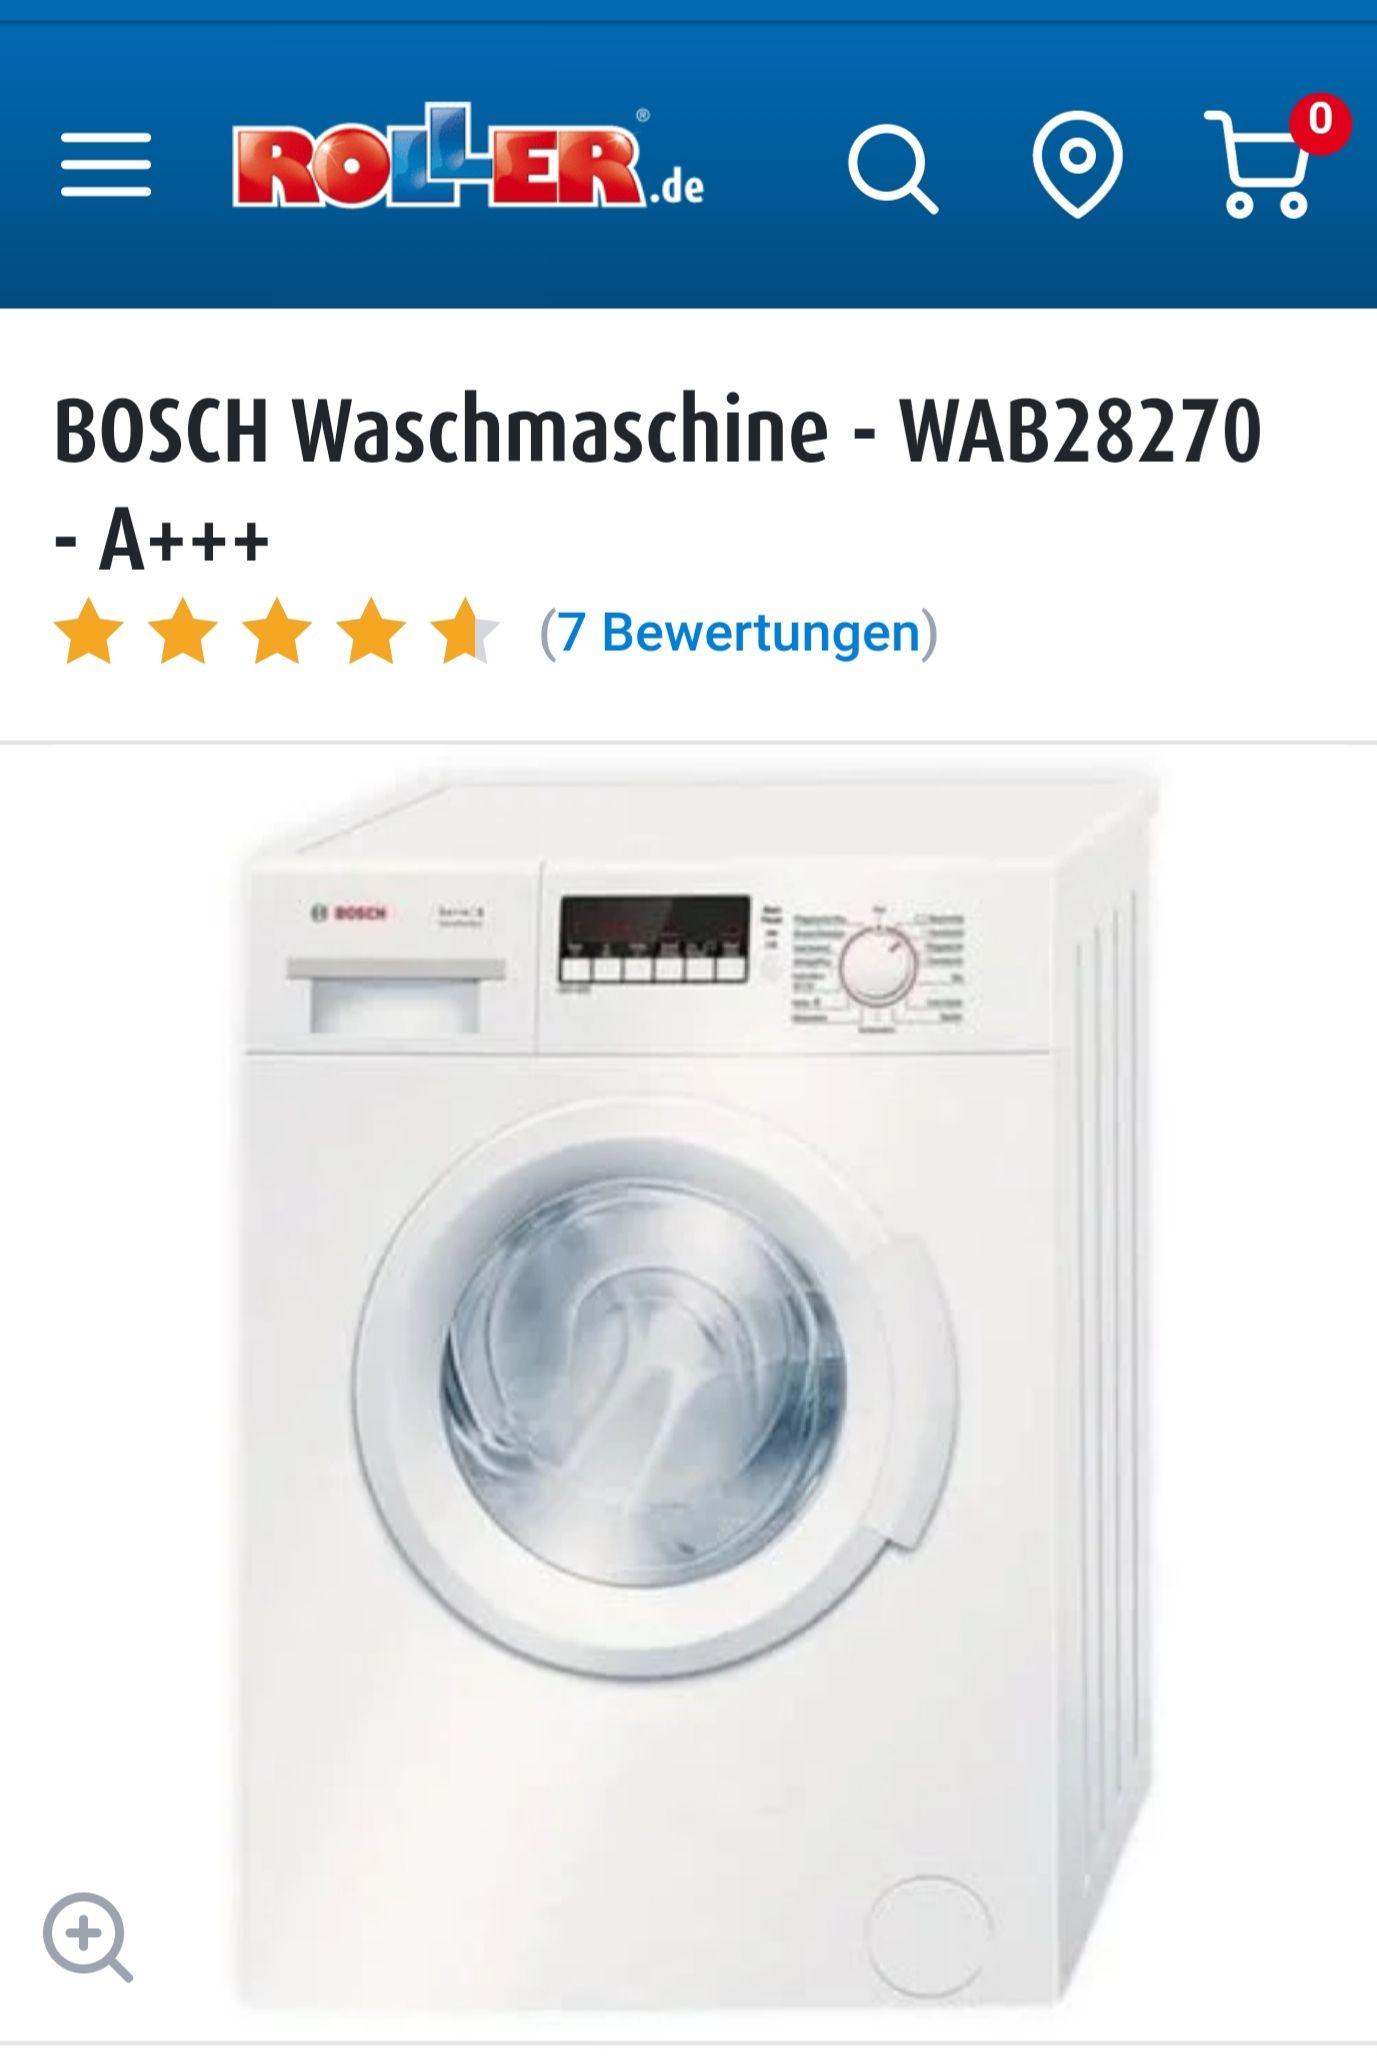 Bei Roller, Waschmaschine Bosch WAB 28270 für 299 Euro -20% = 239,20 Euro nur in Filialen verfügbar. PVG 339 Euro